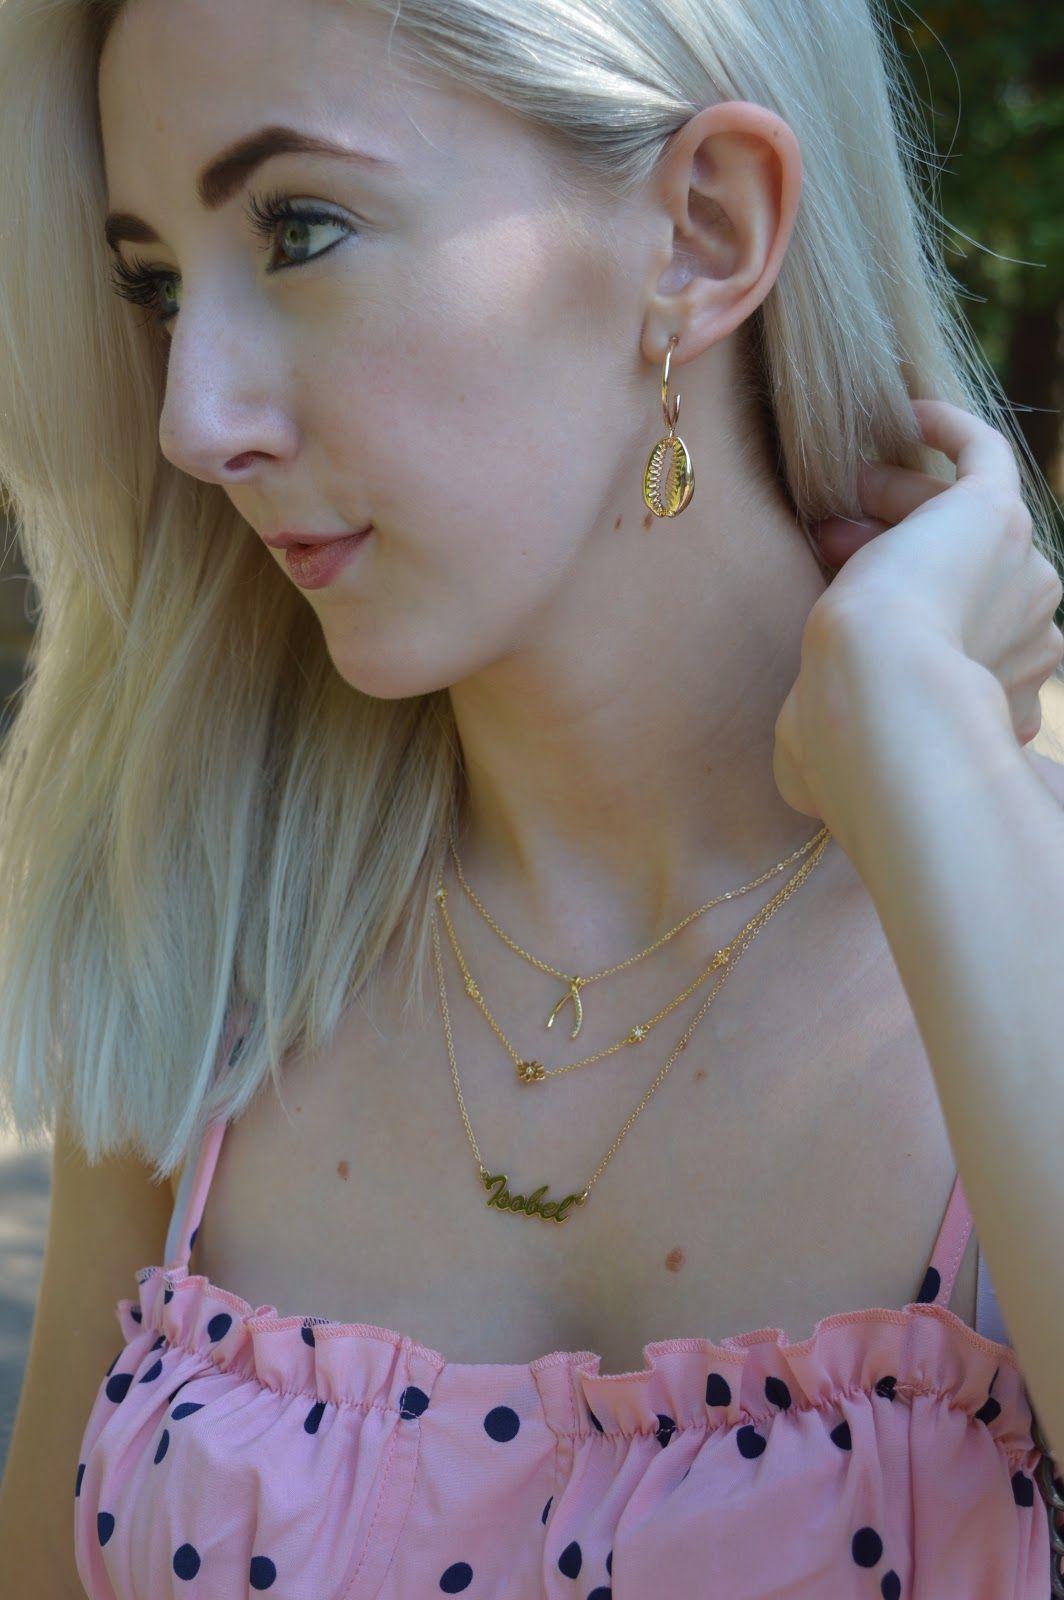 Beau Belle Jewellery